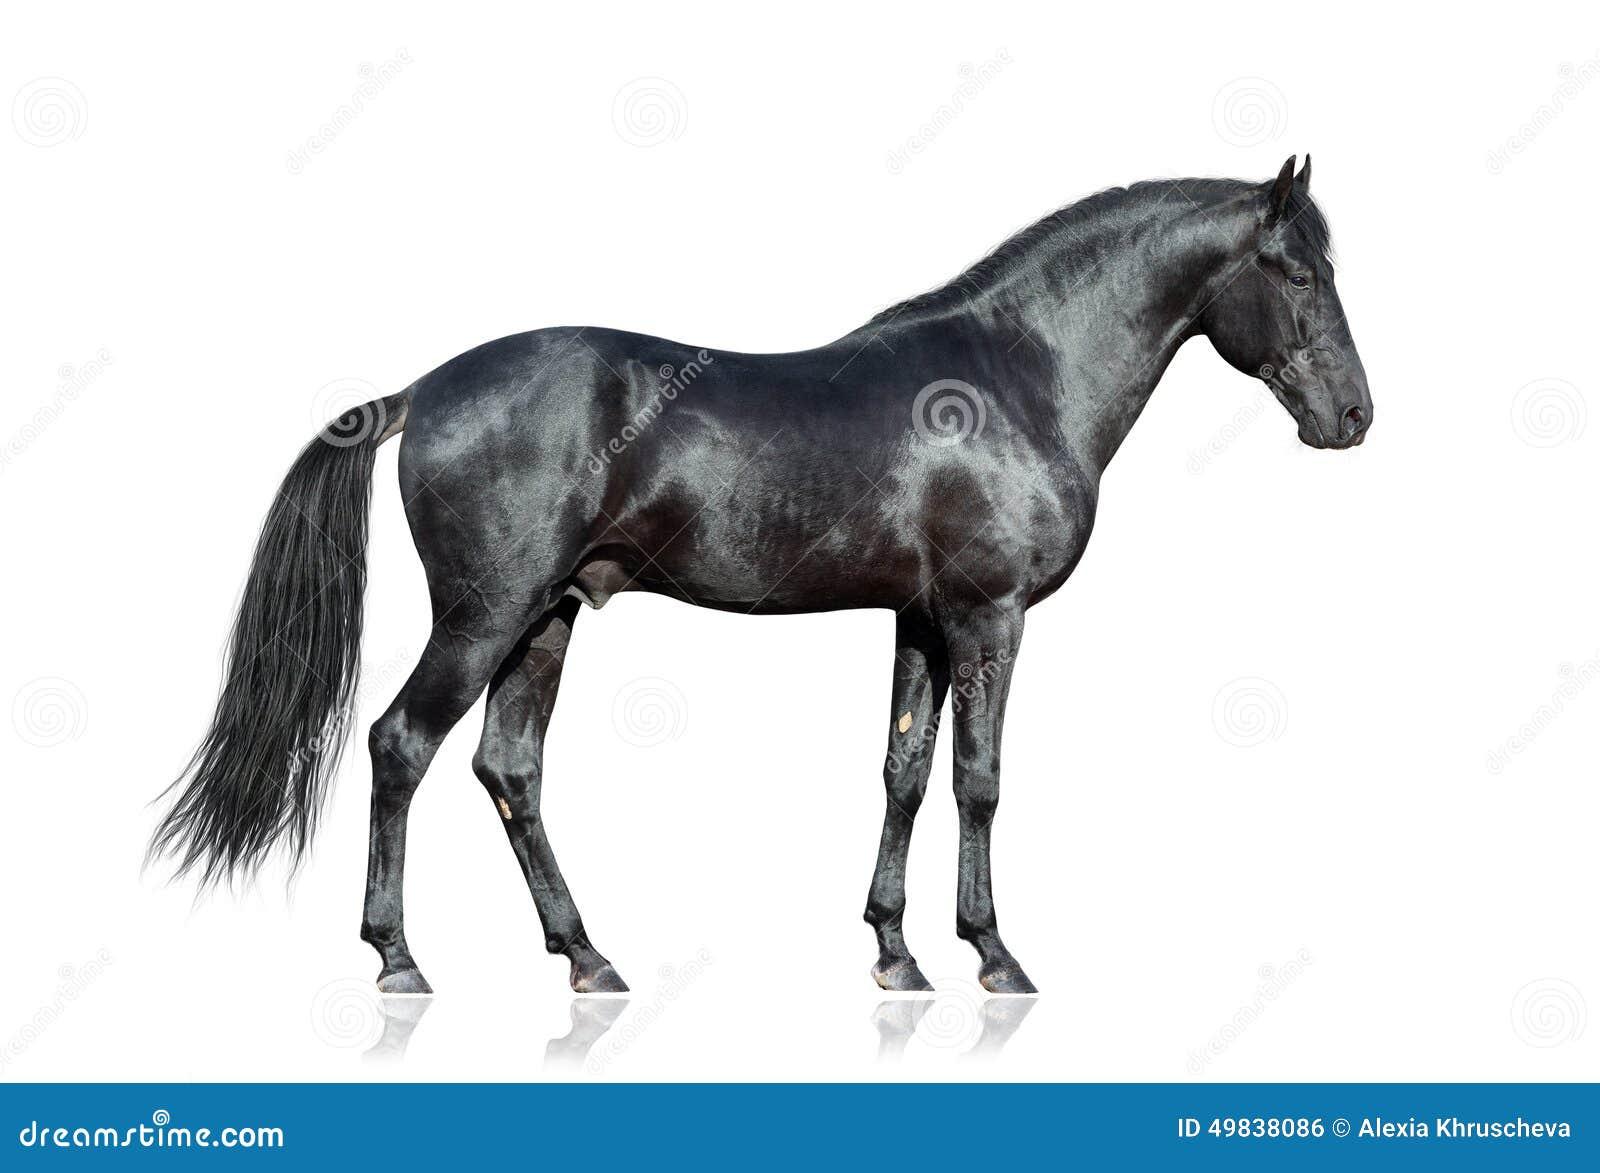 Black Horse On White Background Stock Photo - Image of ...